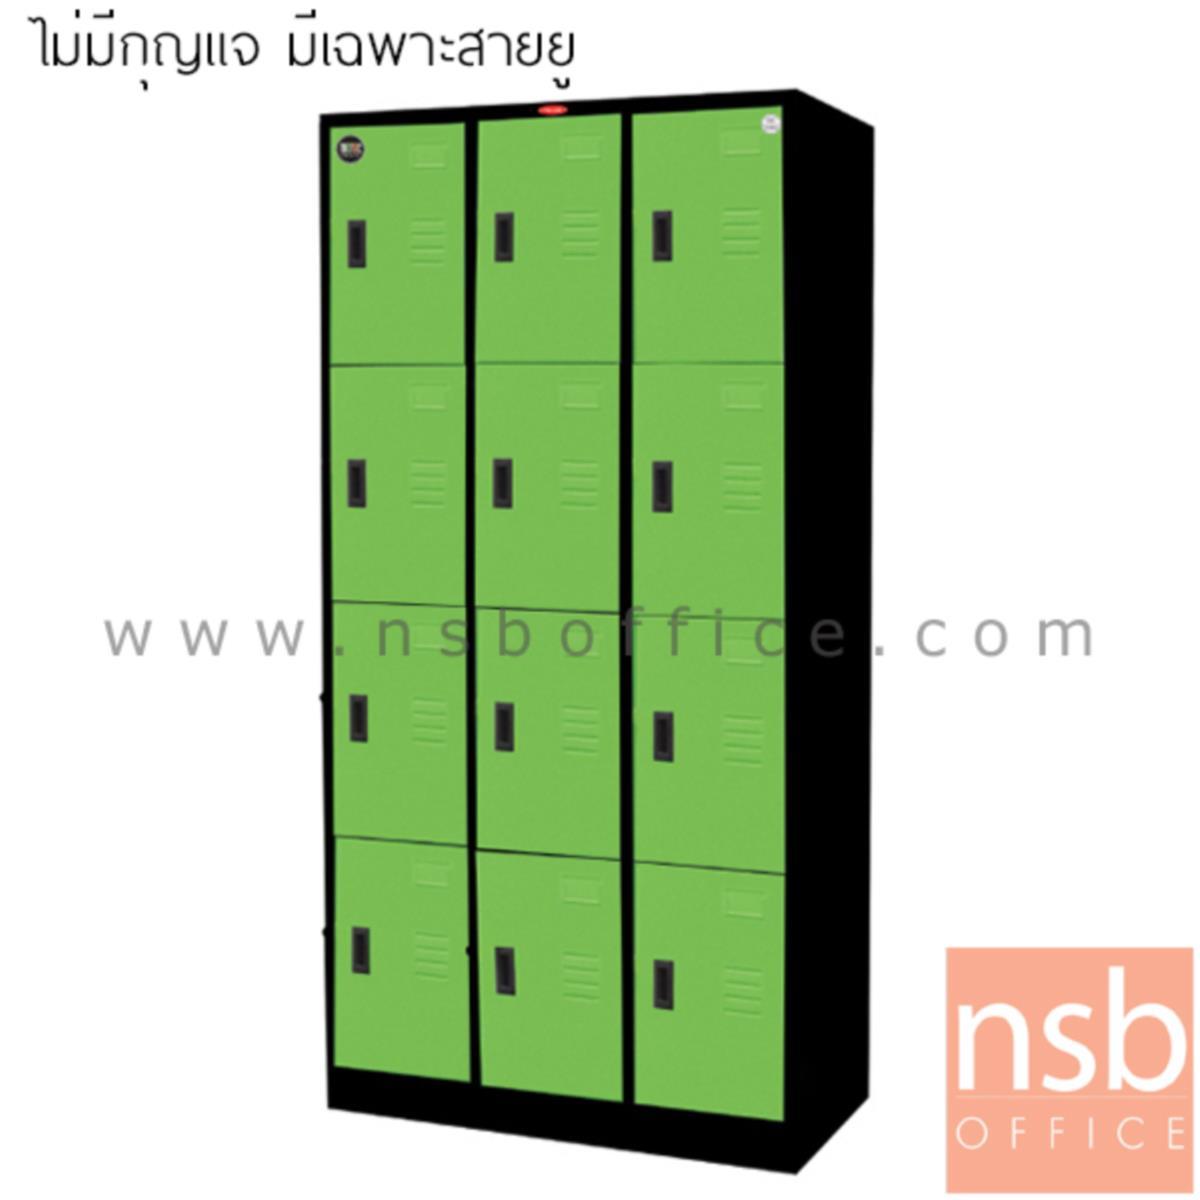 ตู้ล็อคเกอร์ 12 ประตู  รุ่น PPK-012  หน้าบานสีสันโครงตู้สีดำ (ไม่มีกุญแจ มีเฉพาะสายยู)